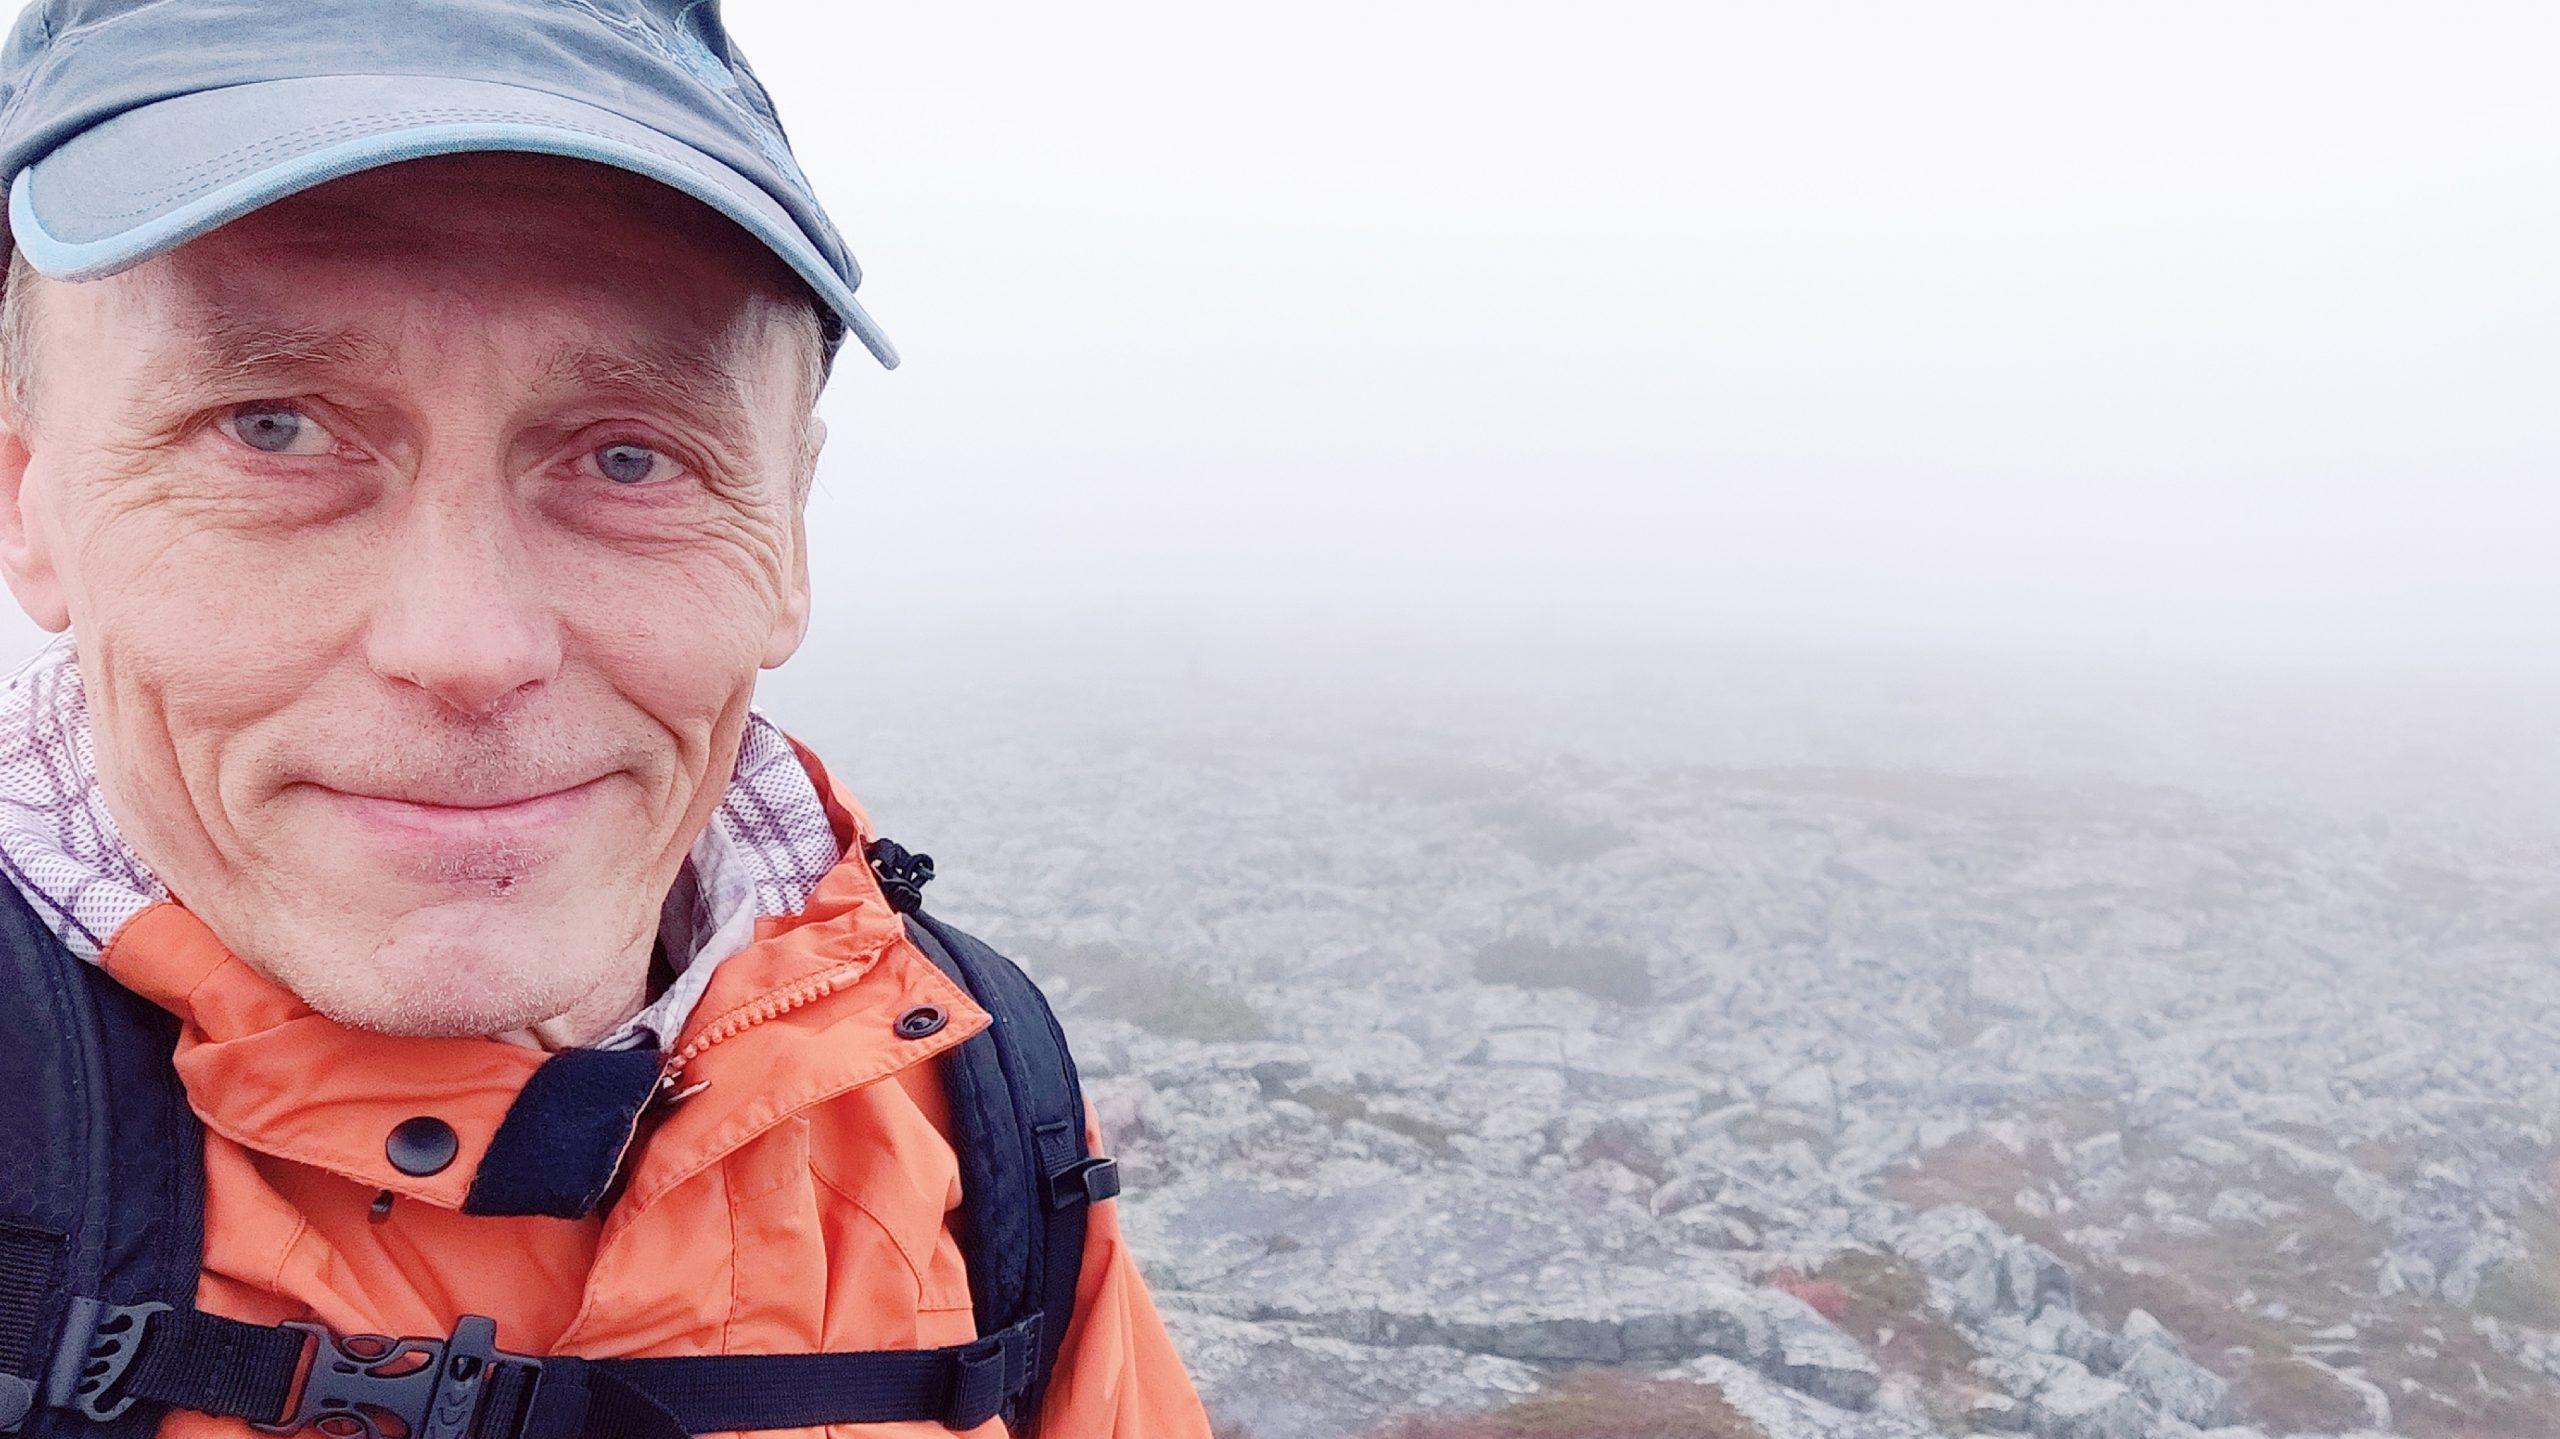 Piirihallituksen esittely: Heikki Hartikainen, Lohkopuheenjohtaja, Diabetestoimikunnan puheenjohtaja 2021-22